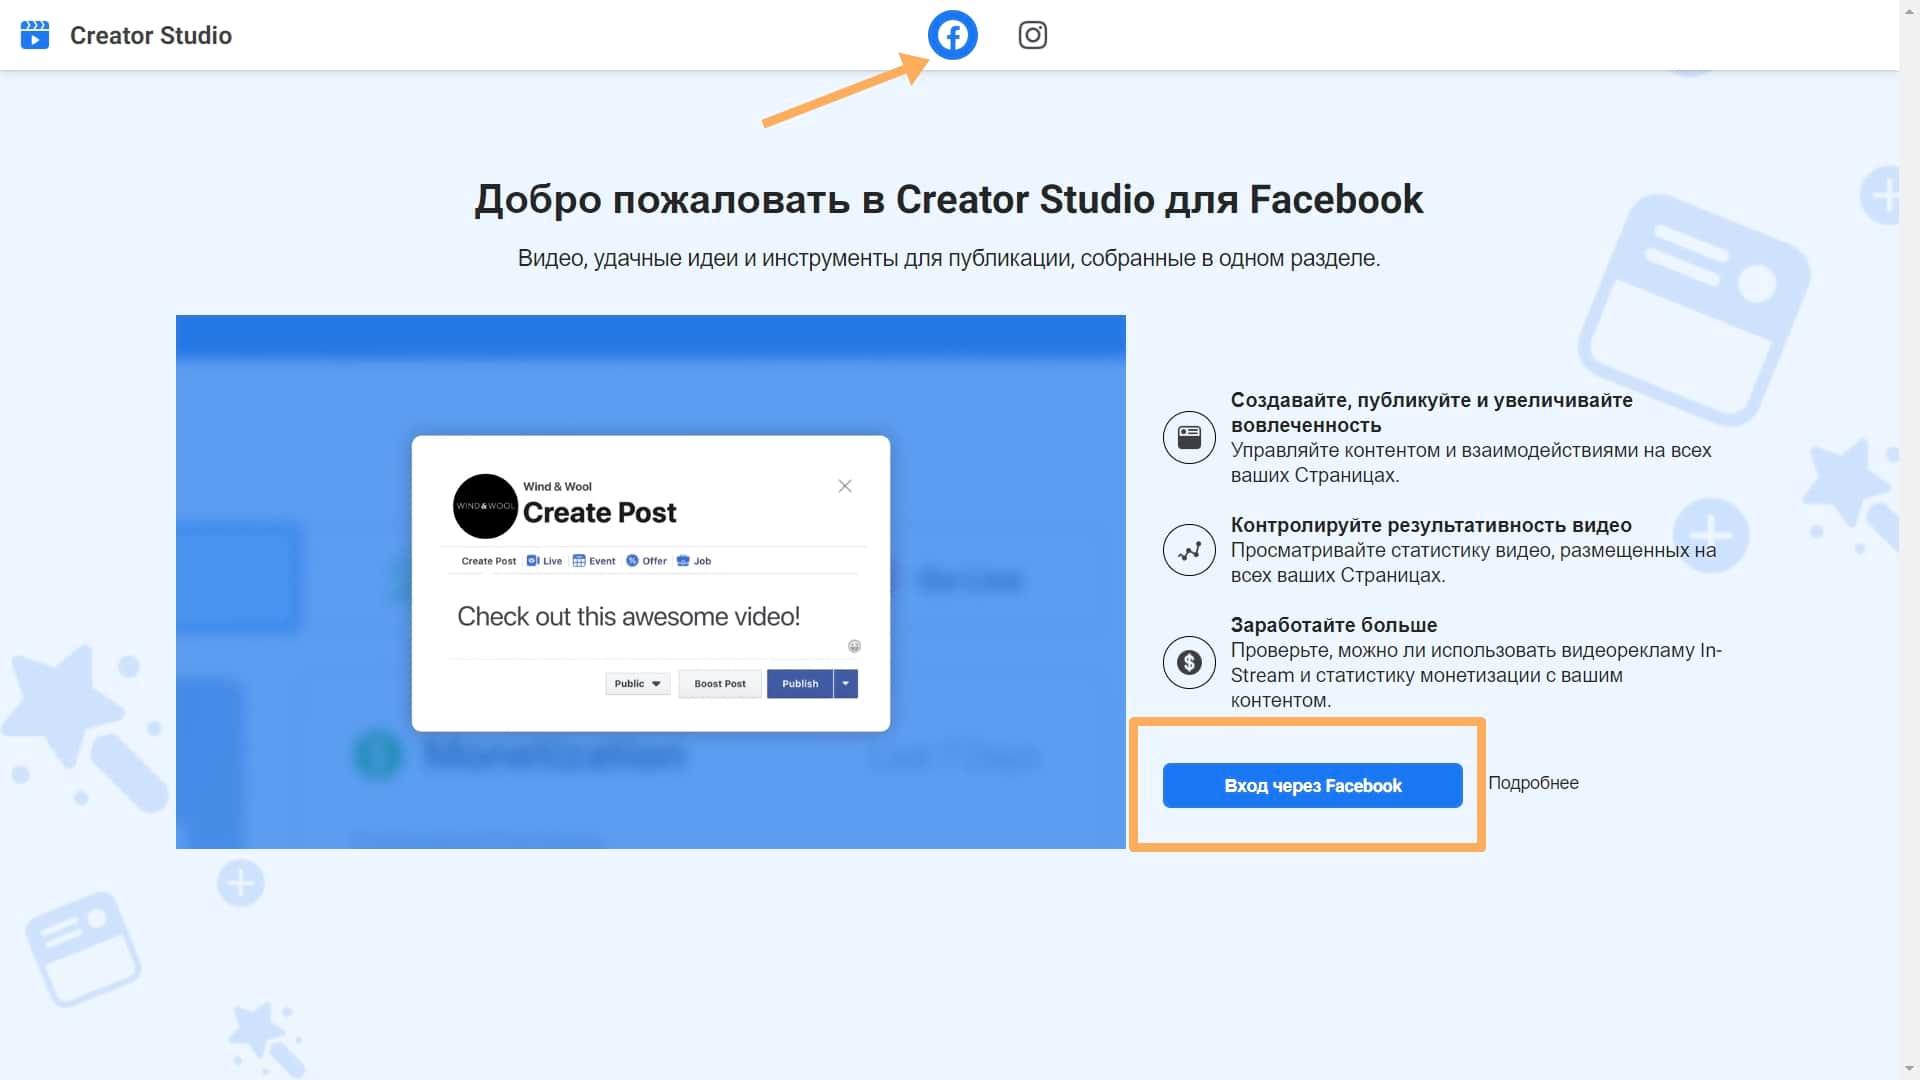 Заходим в Creator Studio